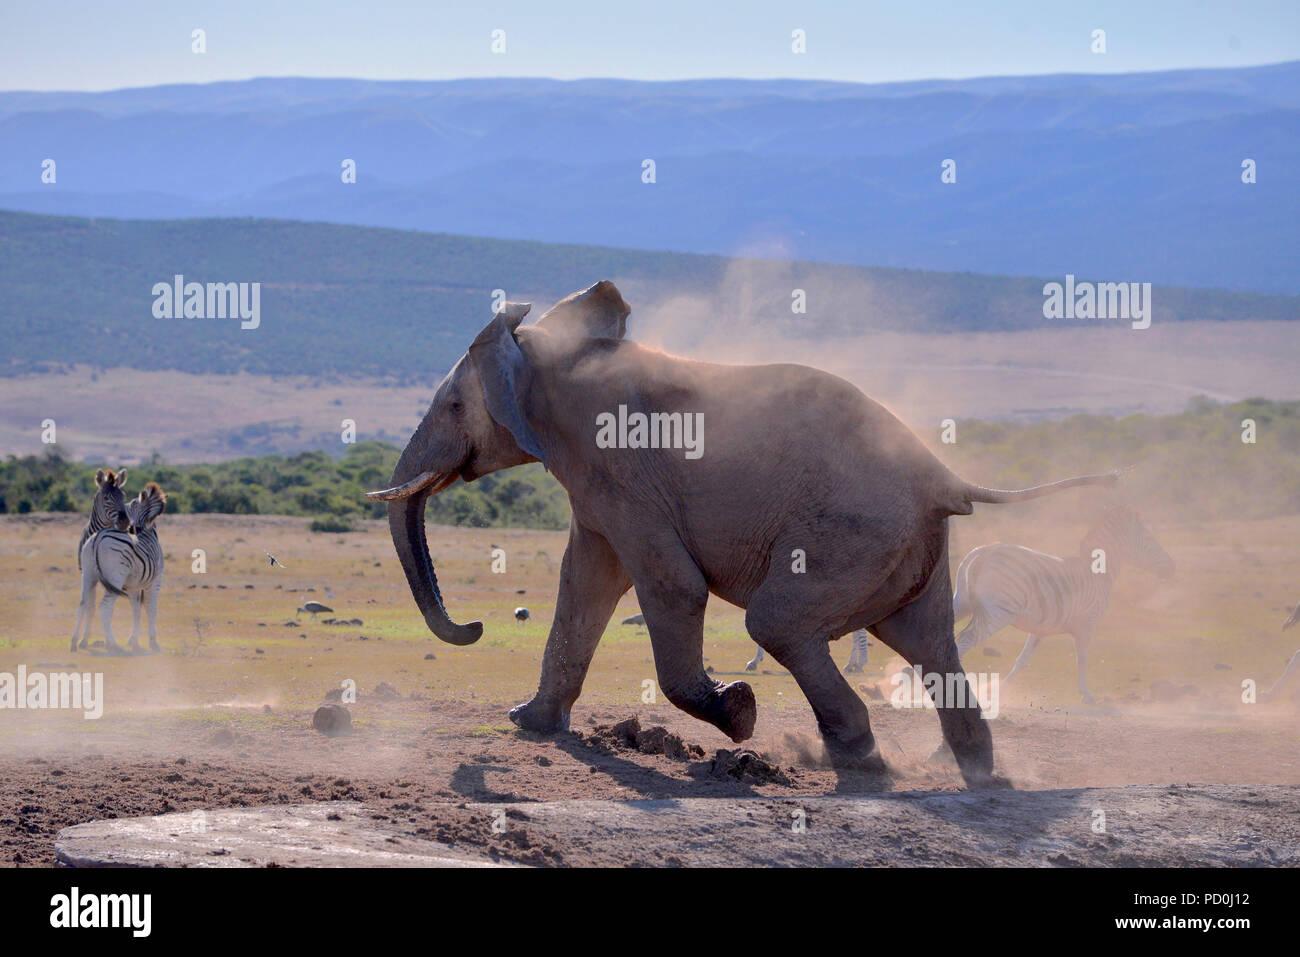 L'Afrique du Sud, une destination de voyage fantastique de faire l'expérience de troisième et premier monde ensemble. L'éléphant en colère chasse bull zèbres de trou d'eau. Addo. Photo Stock